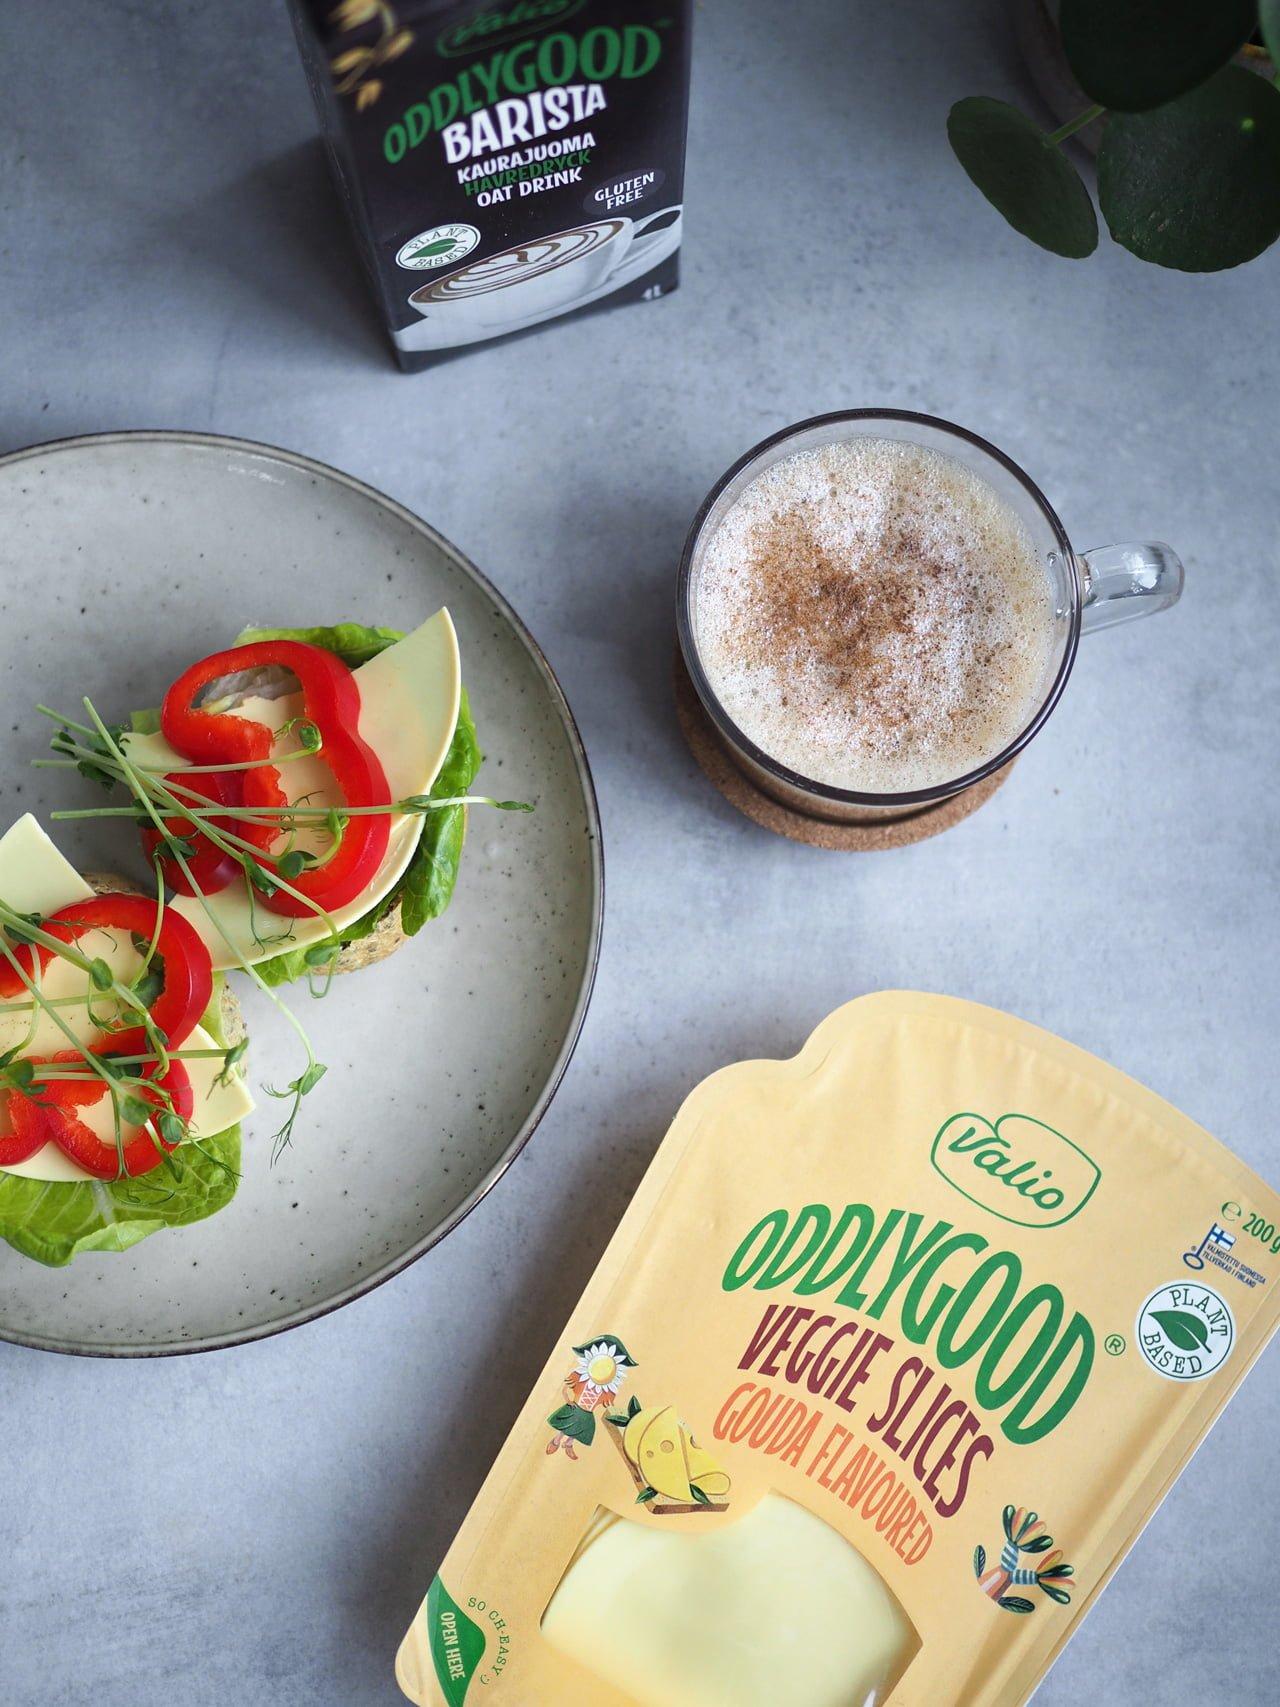 oddlygood veggies slices